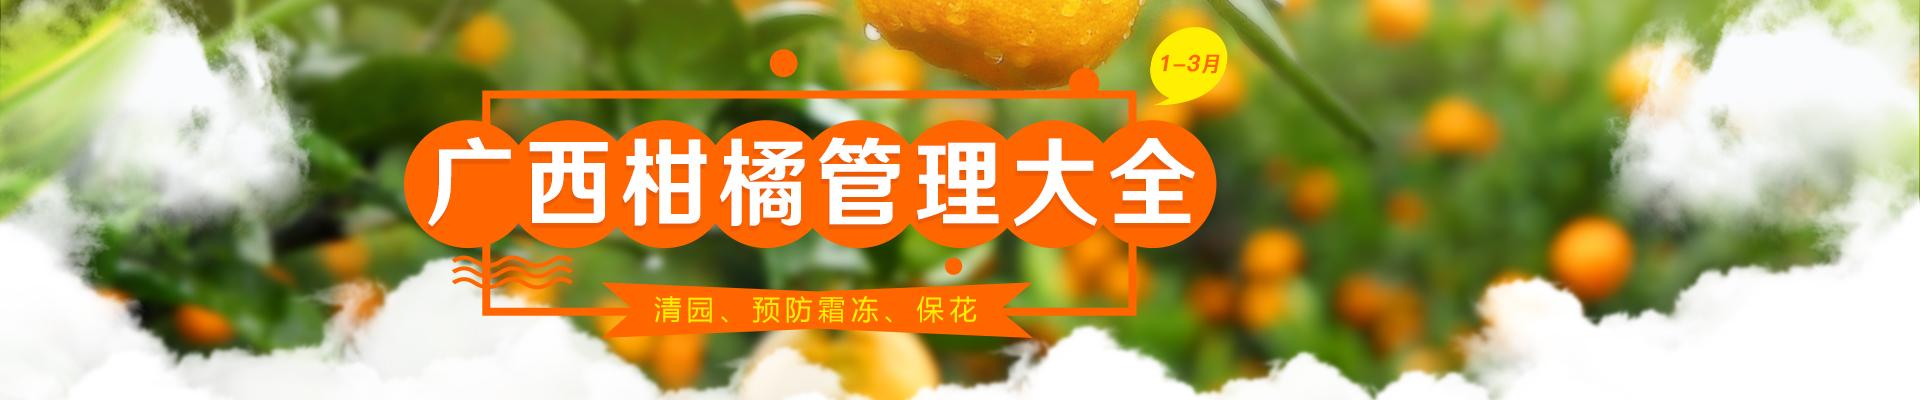 【1月】广西柑橘管理大全-PC轮播